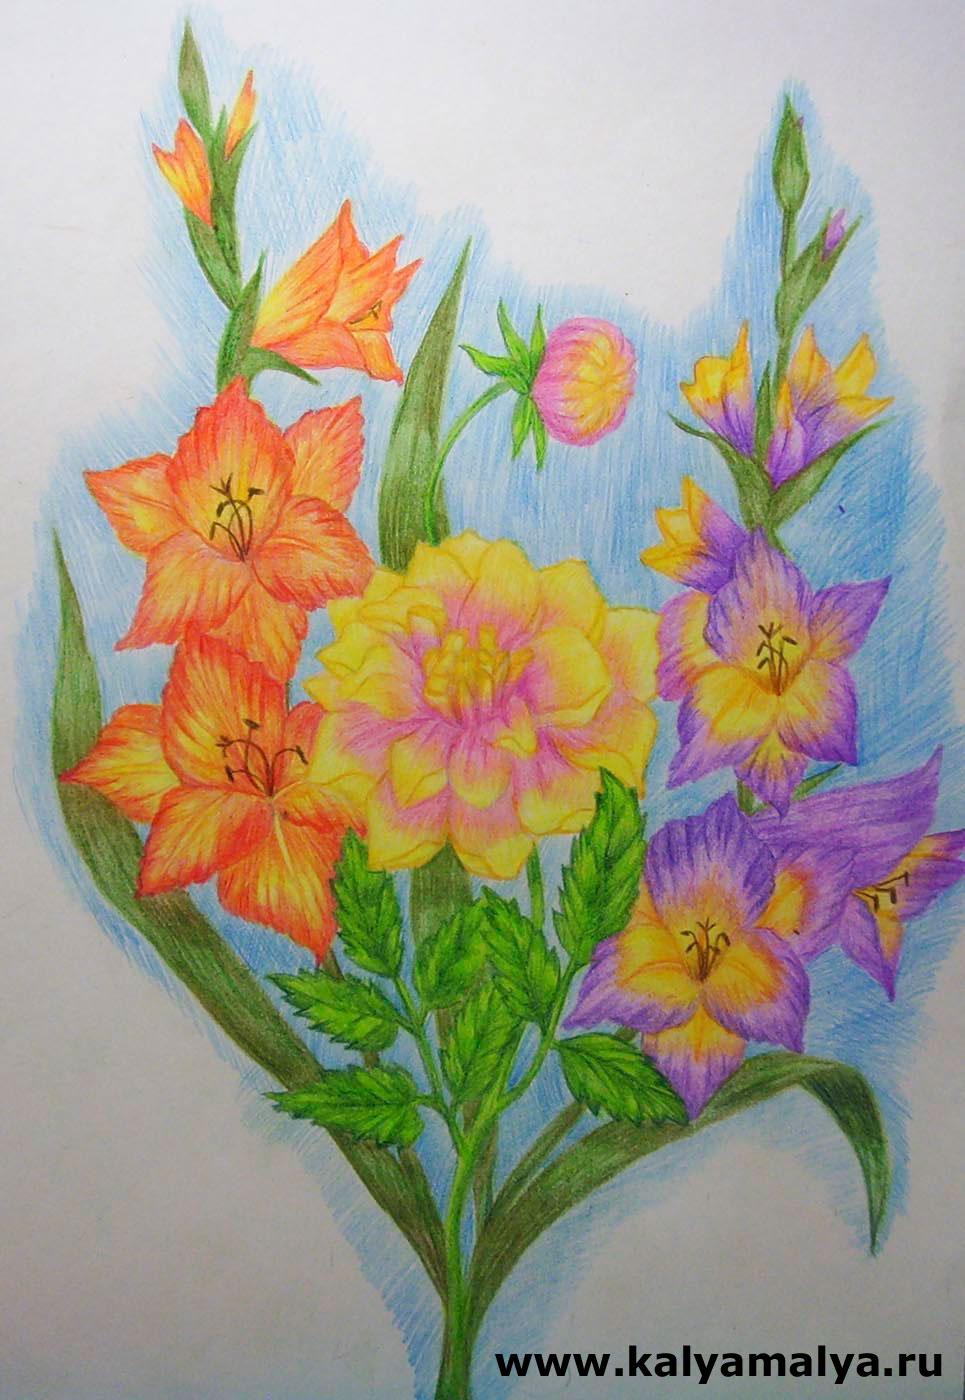 Как нарисовать букет цветов карандашом картинками